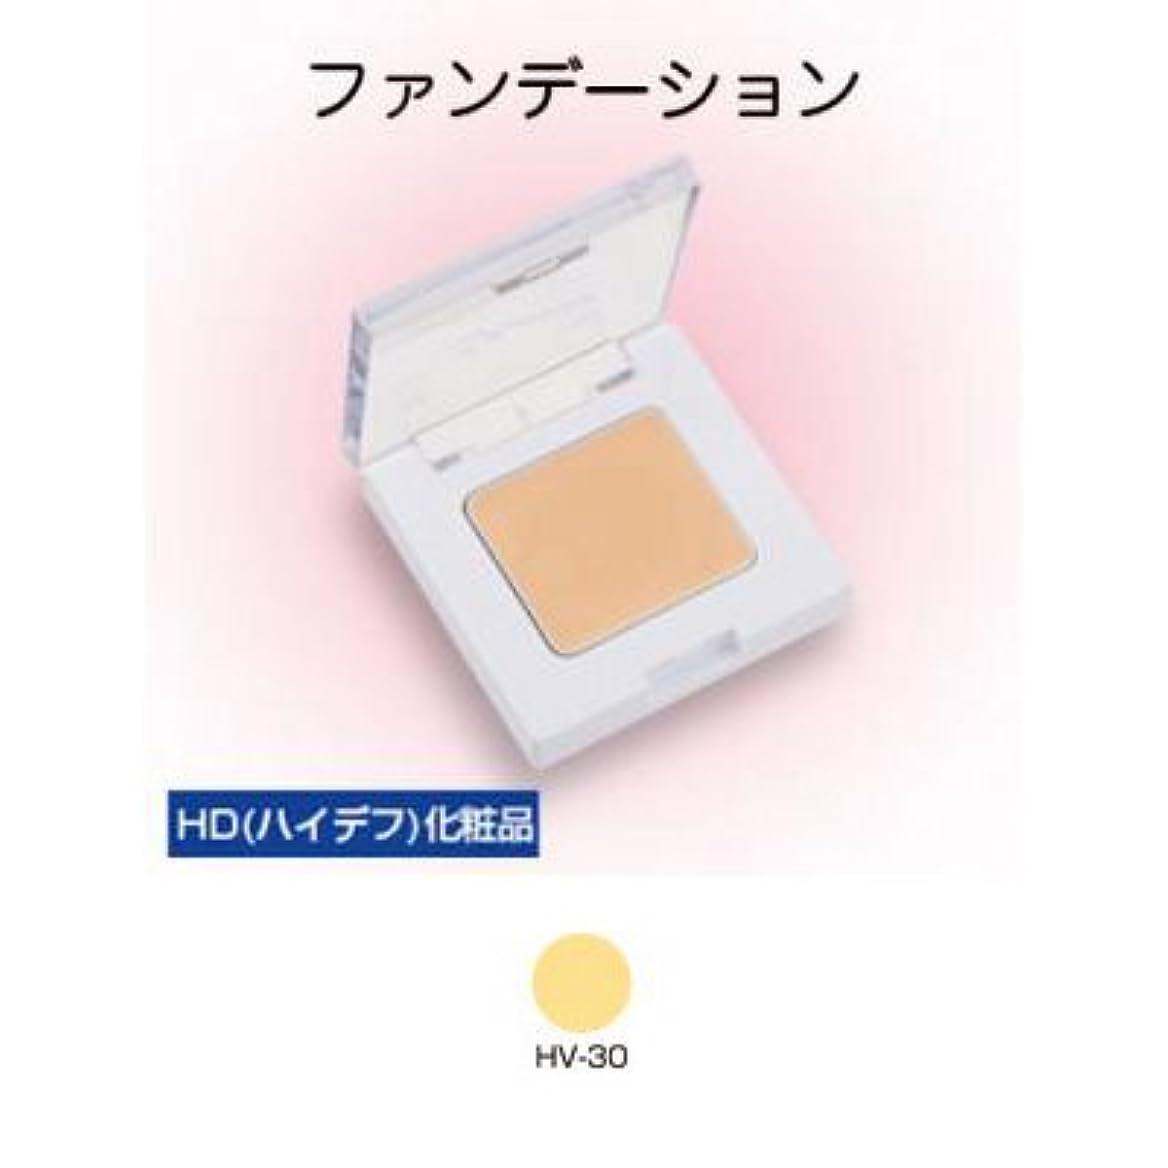 褐色石膏連邦シャレナ カバーファンデーション ミニ HV-30 【三善】